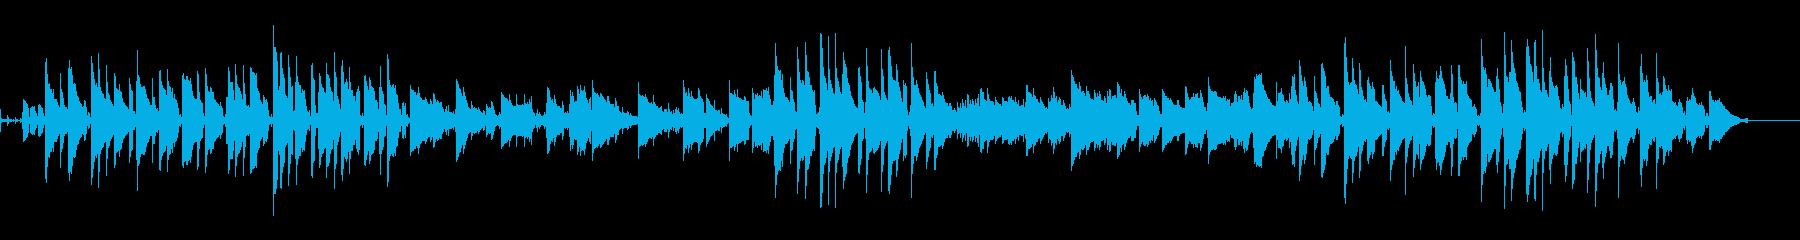 夏のリゾートイメージのジャジーなワルツの再生済みの波形